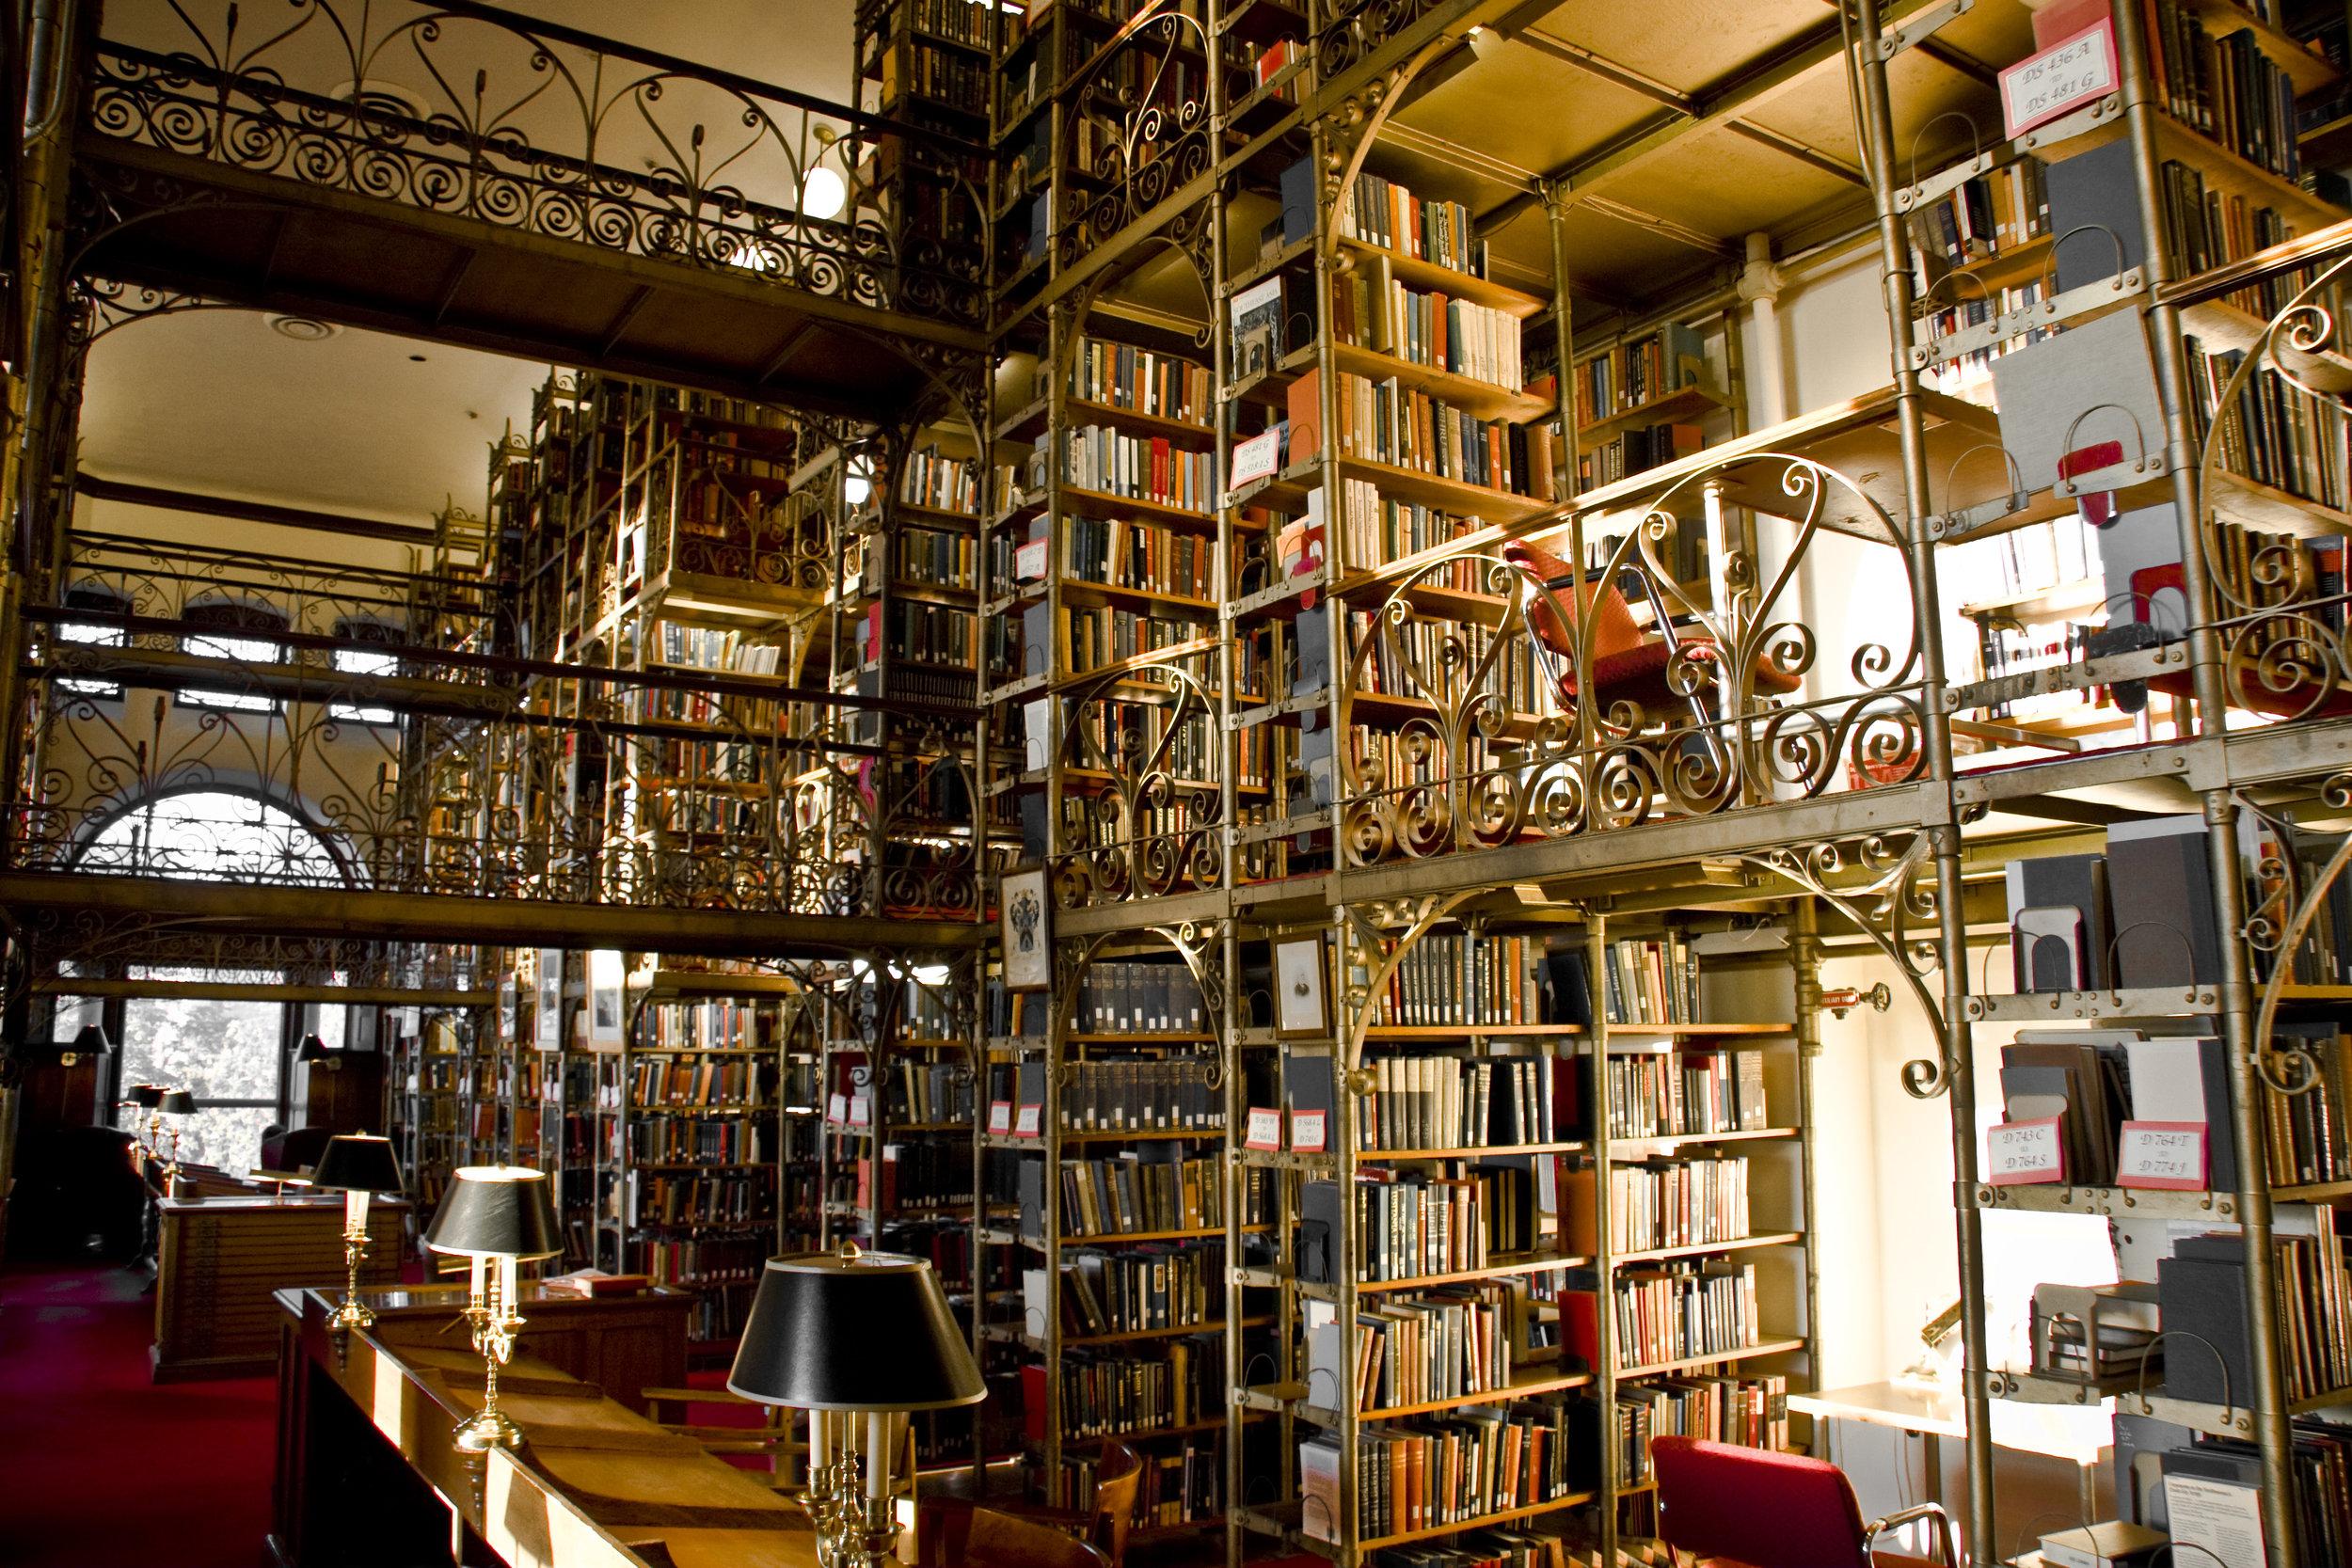 A.D. White Room, Cornell University